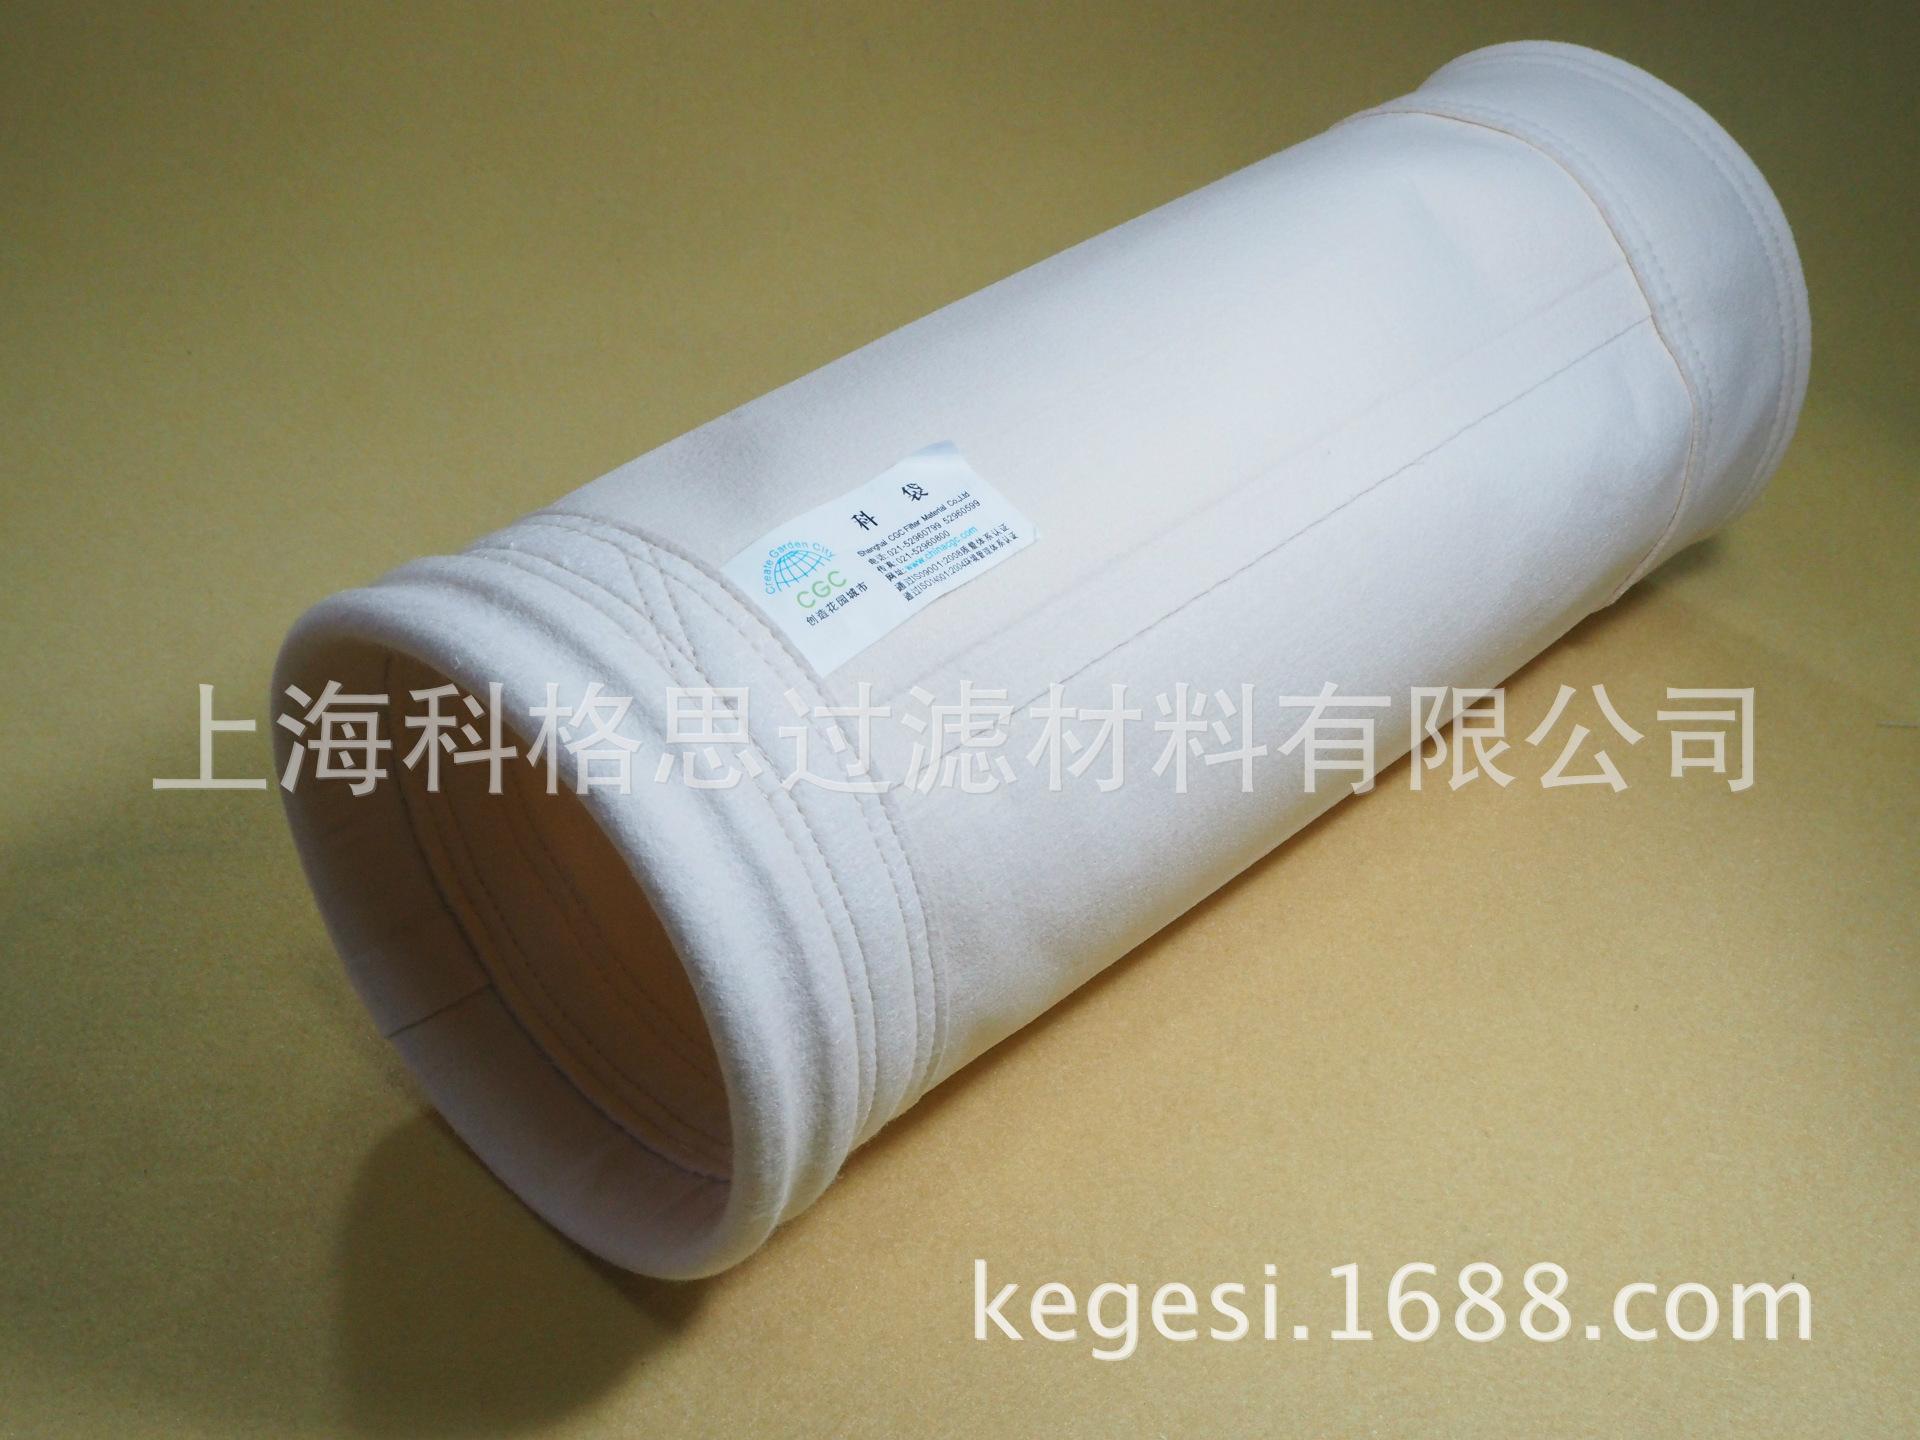 涤纶针刺毡,防水、防油、防静电。